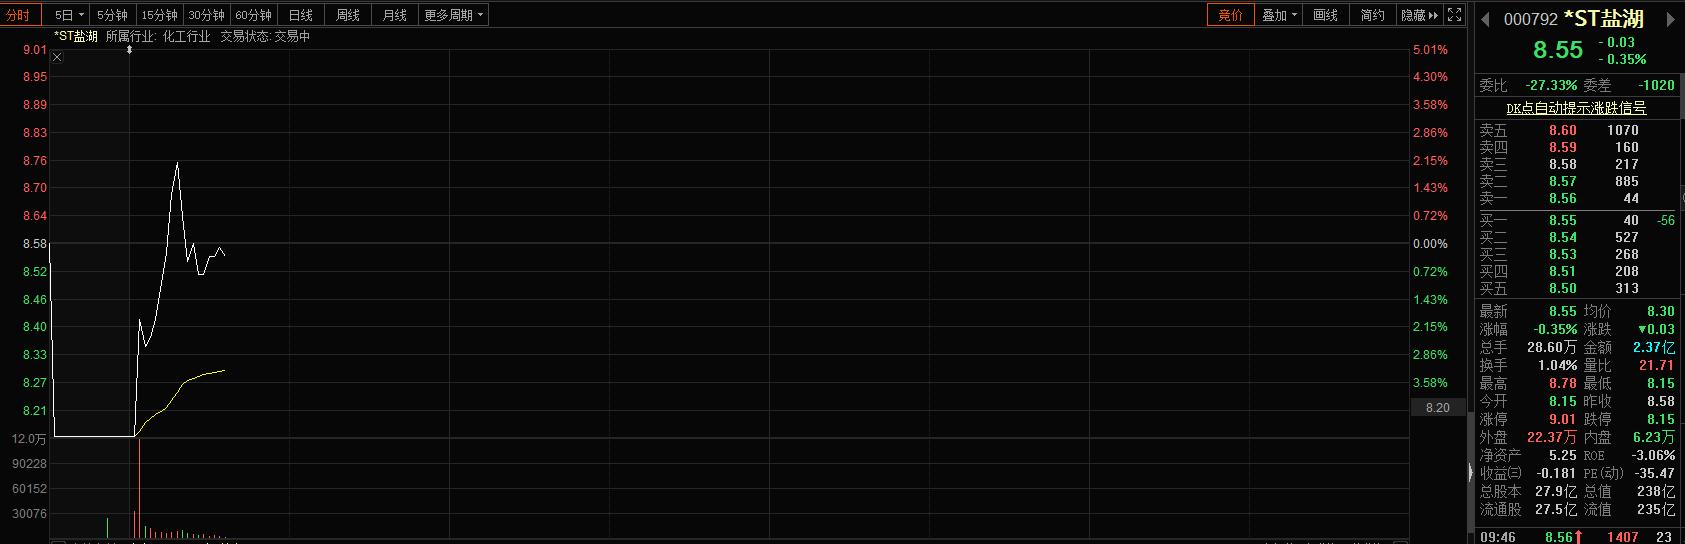 罕见!钾肥之王一次亏掉3个乐视网 股价却神奇飘红